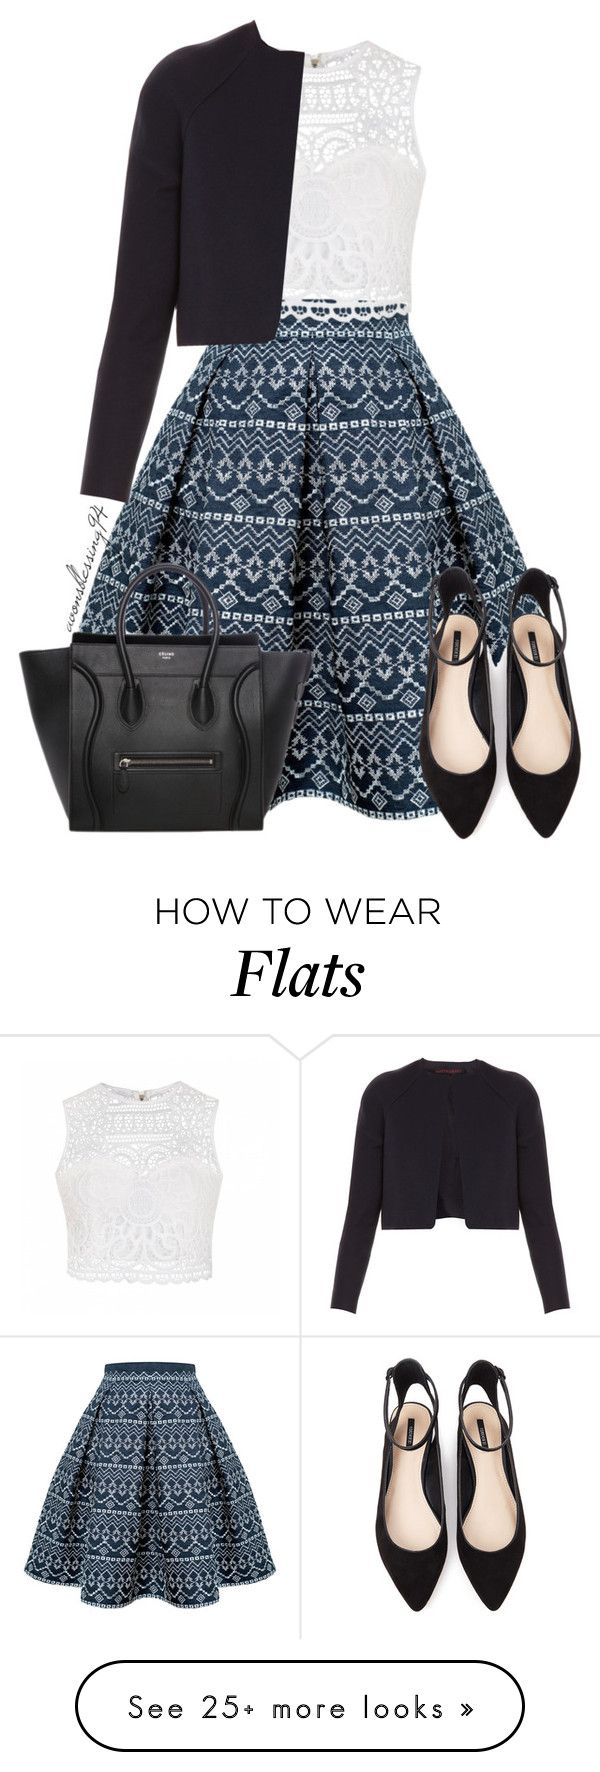 Mira como puedes combinar tus flats para cualquier ocasión http://cursodeorganizaciondelhogar.com/mira-como-puedes-combinar-tus-flats-para-cualquier-ocasion/ #comousarflats #Flats #Miracomopuedescombinartusflatsparacualquier ocasión #Moda #outfits #Tipsdemoda